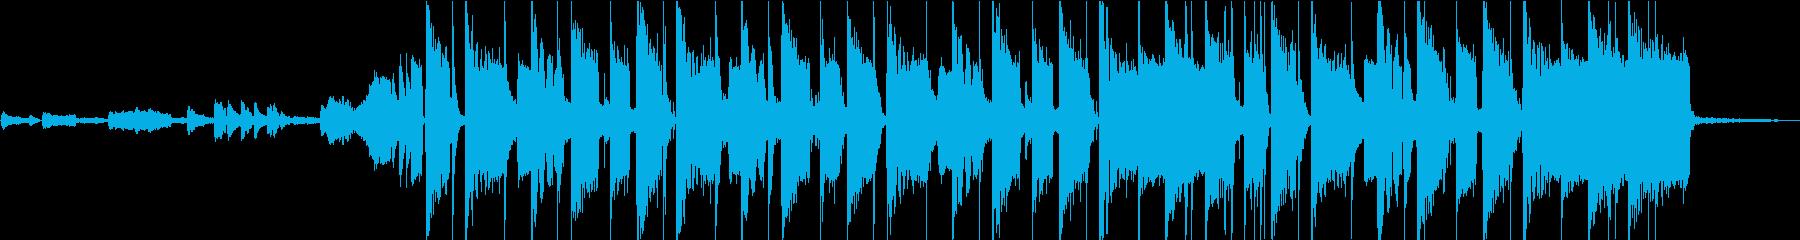 懐かしいく暖かいMotownミュージックの再生済みの波形